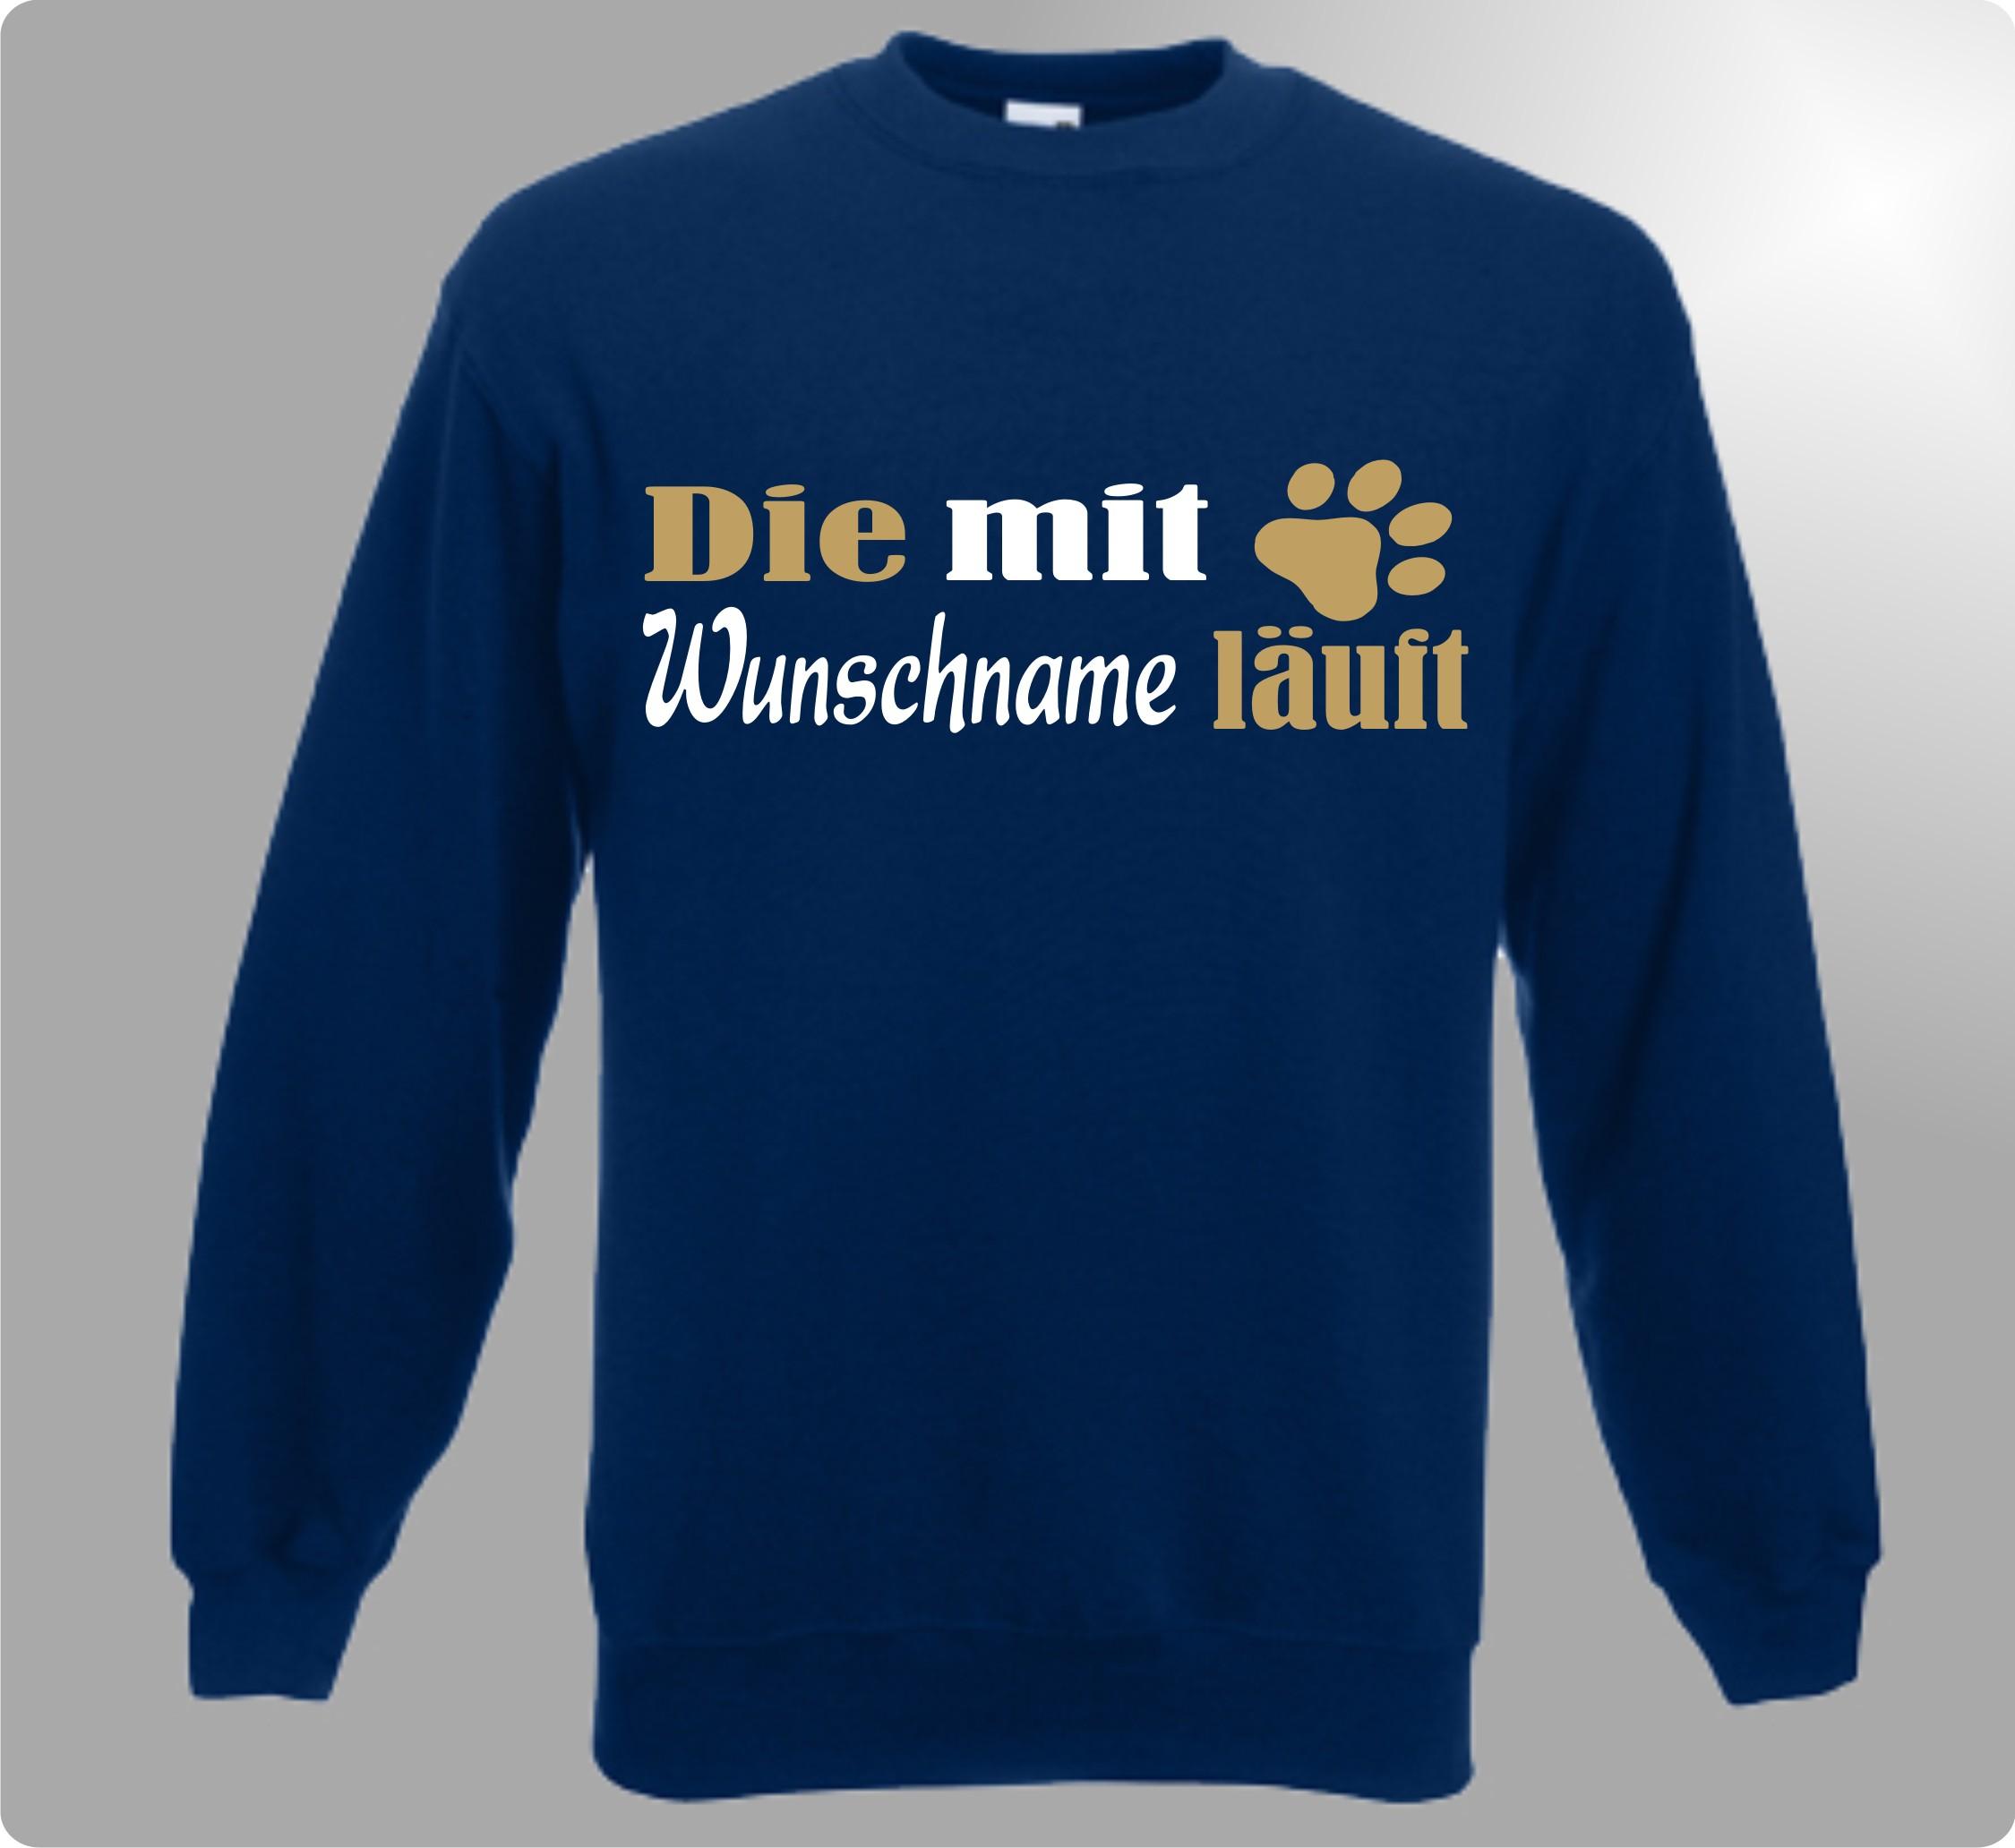 Die_wunschname_sweat_galerie.jpg